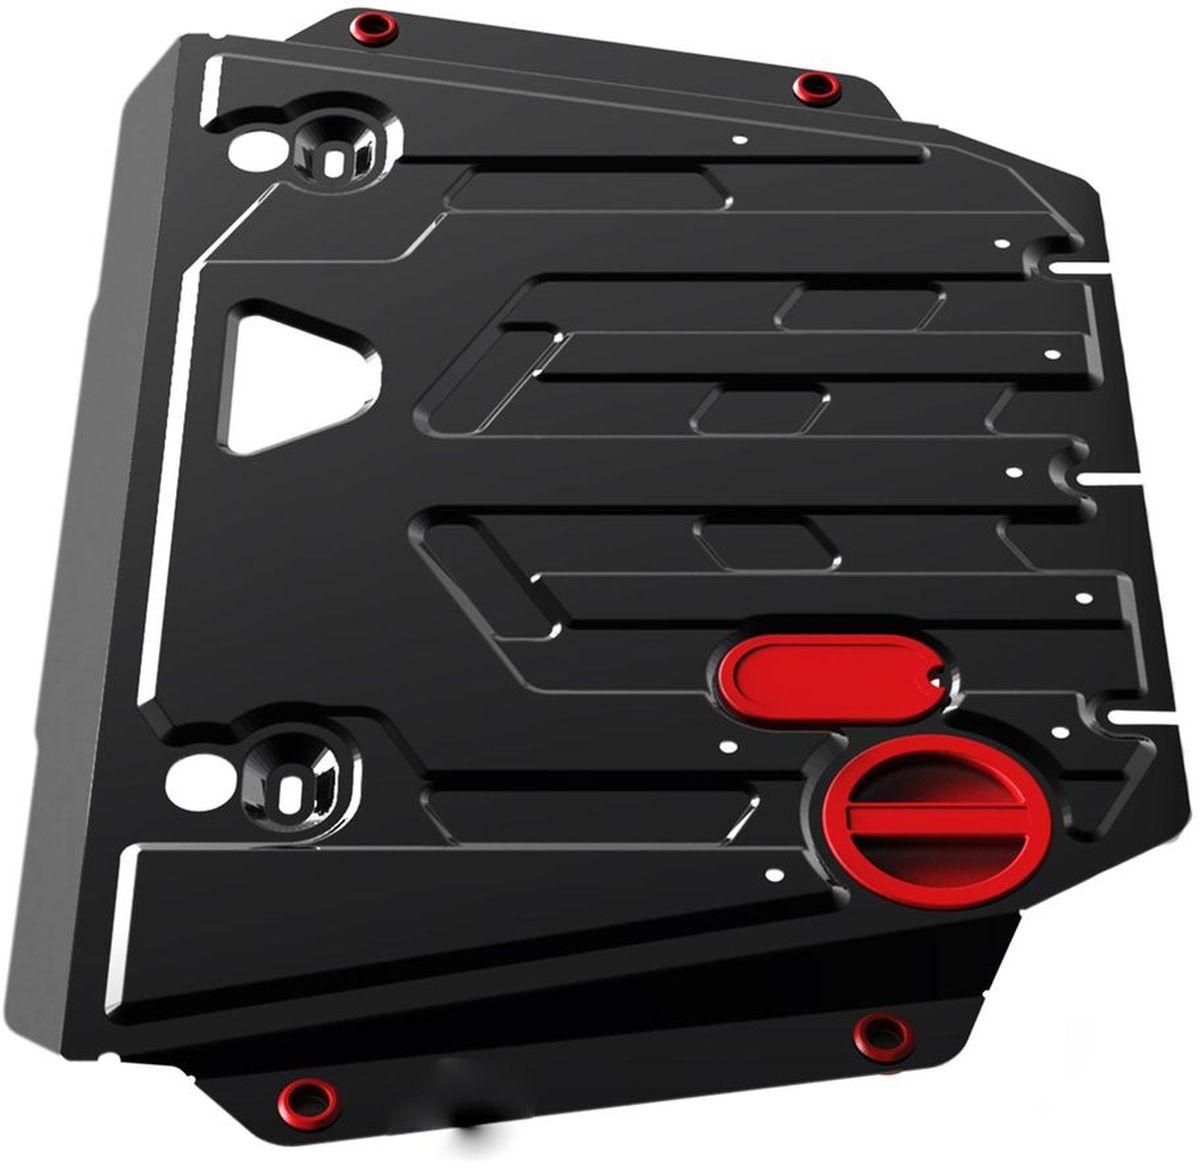 Защита картера Автоброня, для Toyota LC200 часть 1, V - 4,5TD;4,6;4,7/Lexus LX 570 часть 1, V - 5,7111.05713.3Технологически совершенный продукт за невысокую стоимость. Защита разработана с учетом особенностей днища автомобиля, что позволяет сохранить дорожный просвет с минимальным изменением. Защита устанавливается в штатные места кузова автомобиля. Глубокий штамп обеспечивает до двух раз больше жесткости в сравнении с обычной защитой той же толщины. Проштампованные ребра жесткости препятствуют деформации защиты при ударах. Тепловой зазор и вентиляционные отверстия обеспечивают сохранение температурного режима двигателя в норме. Скрытый крепеж предотвращает срыв крепежных элементов при наезде на препятствие. Шумопоглощающие резиновые элементы обеспечивают комфортную езду без вибраций и скрежета металла, а съемные лючки для слива масла и замены фильтра - экономию средств и время. Конструкция изделия не влияет на пассивную безопасность автомобиля (при ударе защита не воздействует на деформационные зоны кузова). Со штатным крепежом. В комплекте инструкция по установке....